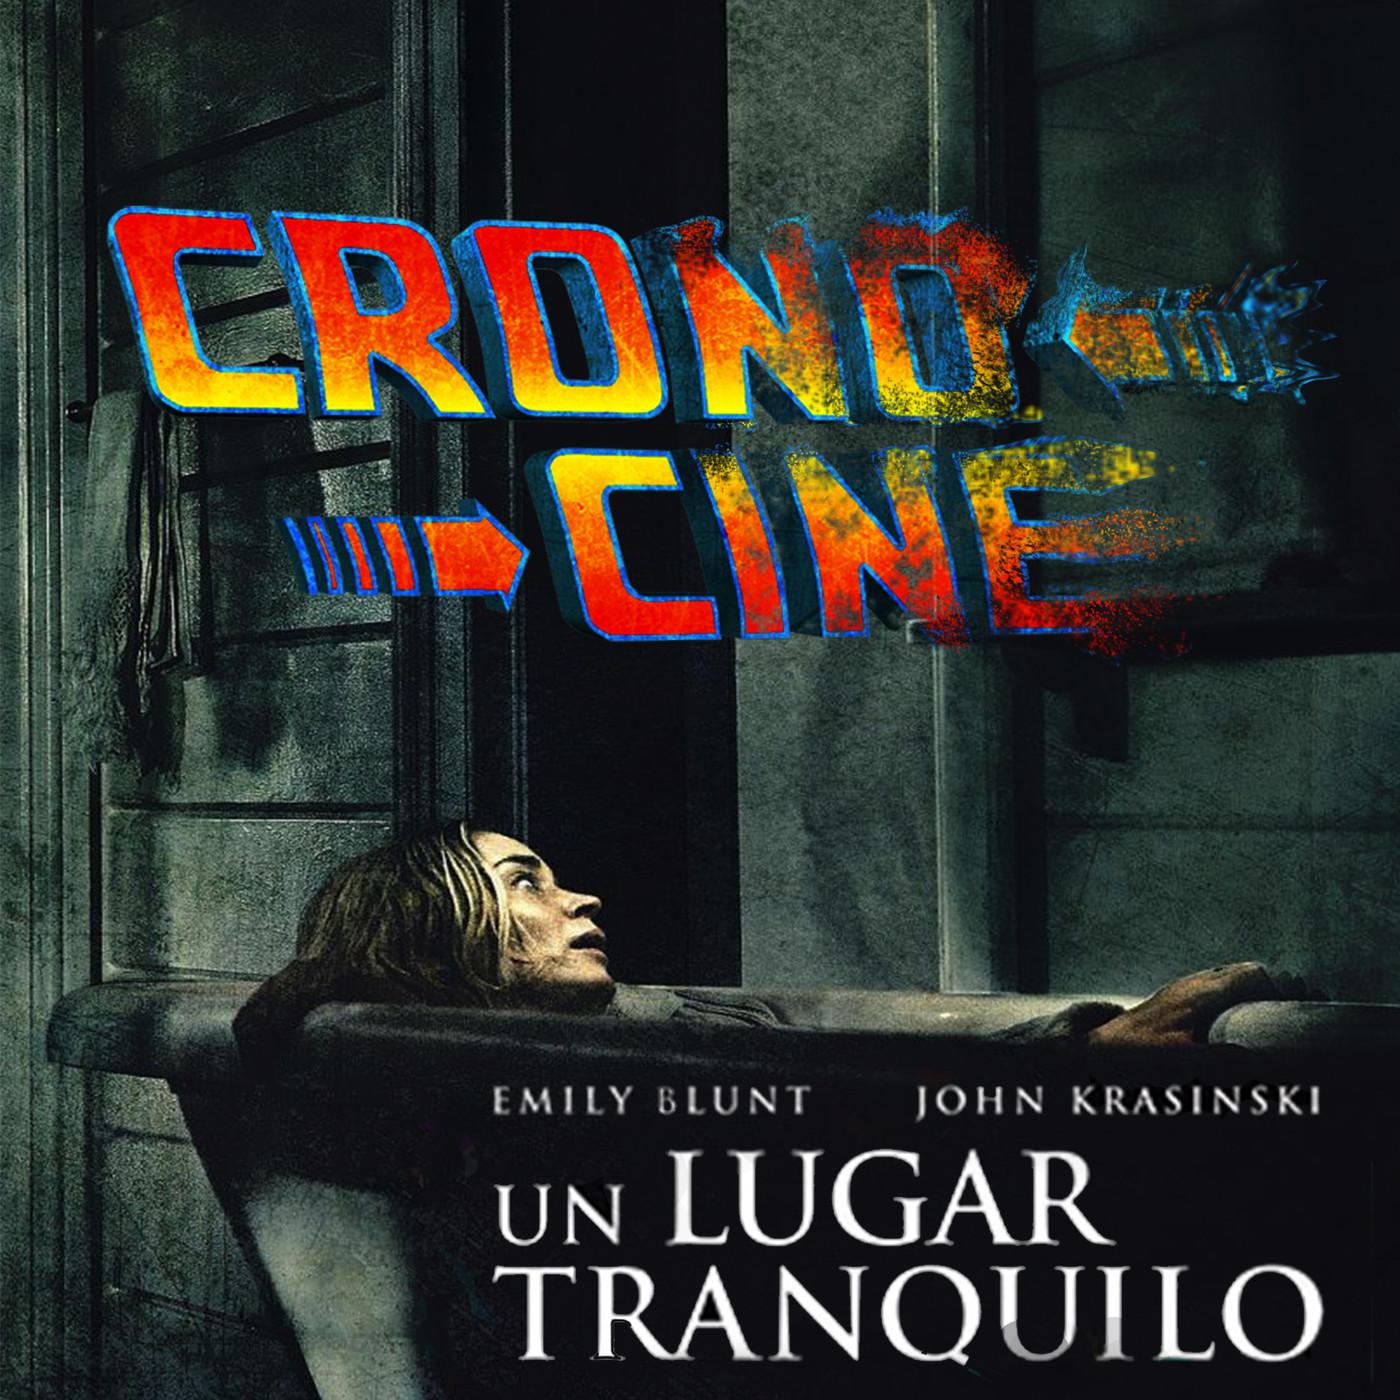 CronoCine 2x02: Un Lugar Tranquilo (A Quiet Place, John Krasinski, 2018)